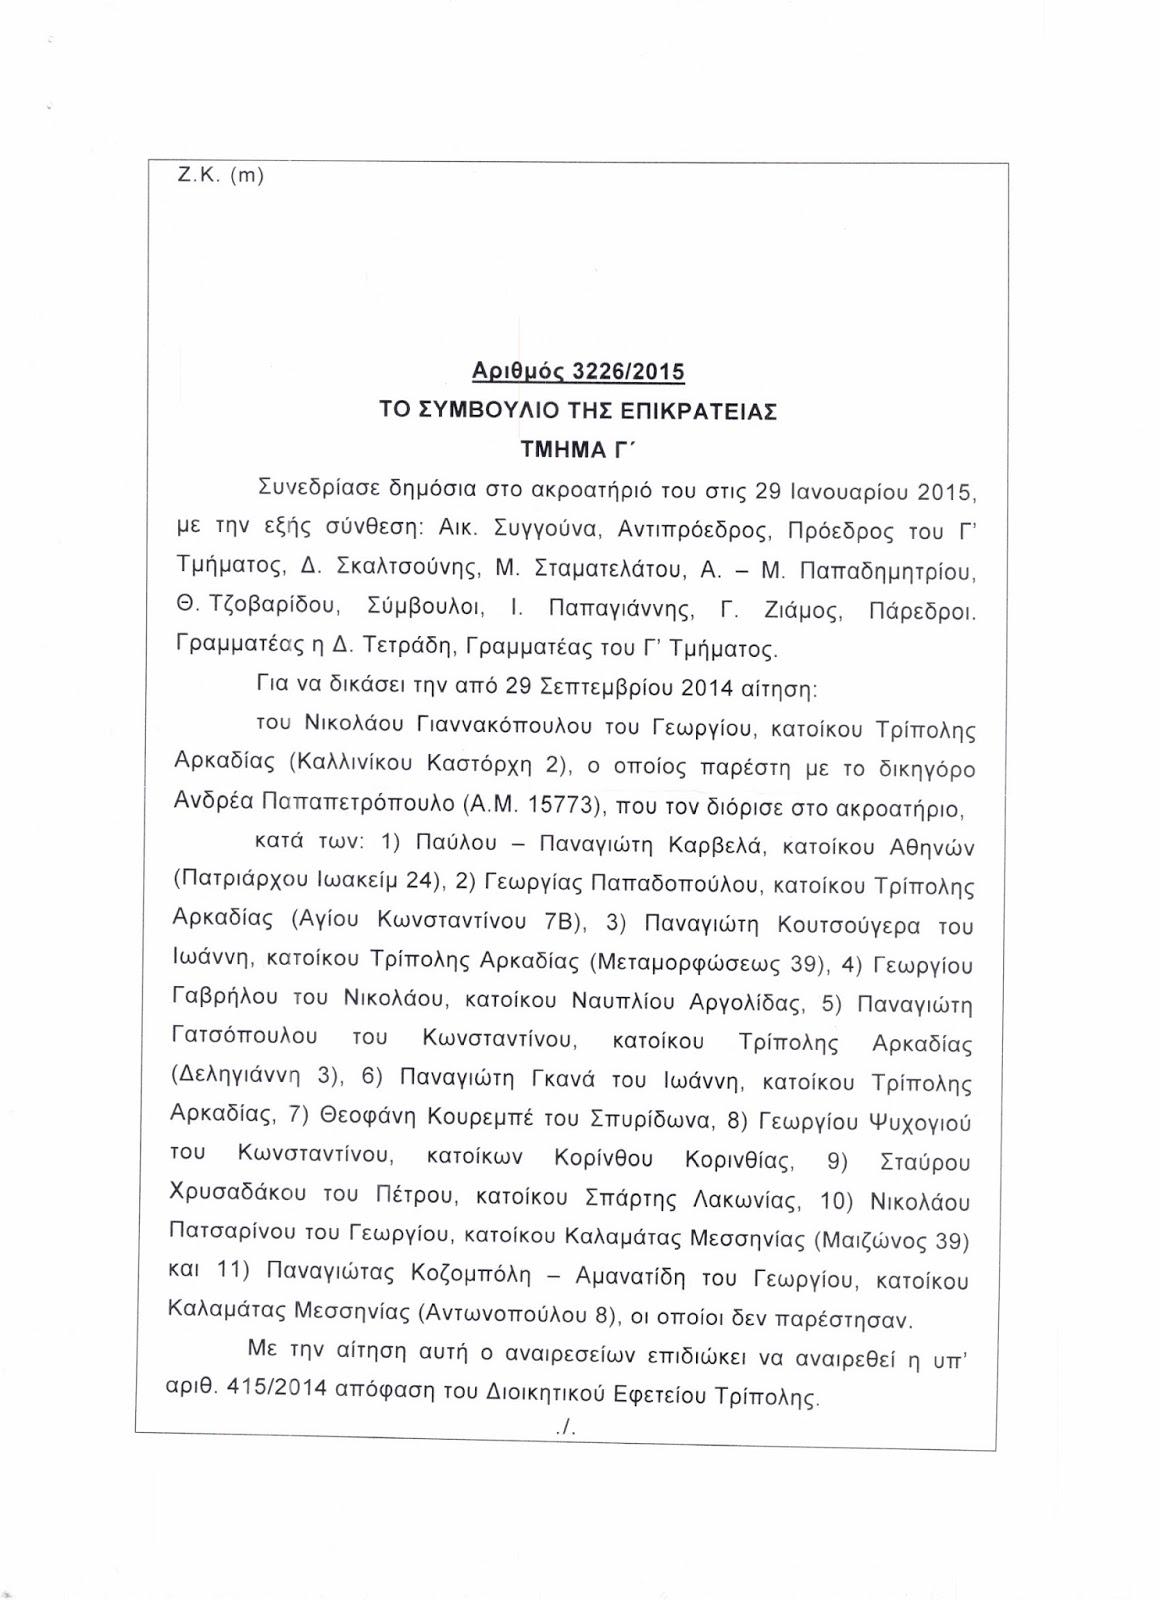 Ὁλόκληρη ἡ ἀπόφασις τοῦ ΣτΕ γιὰ τὸν Γιαννακόπουλο1